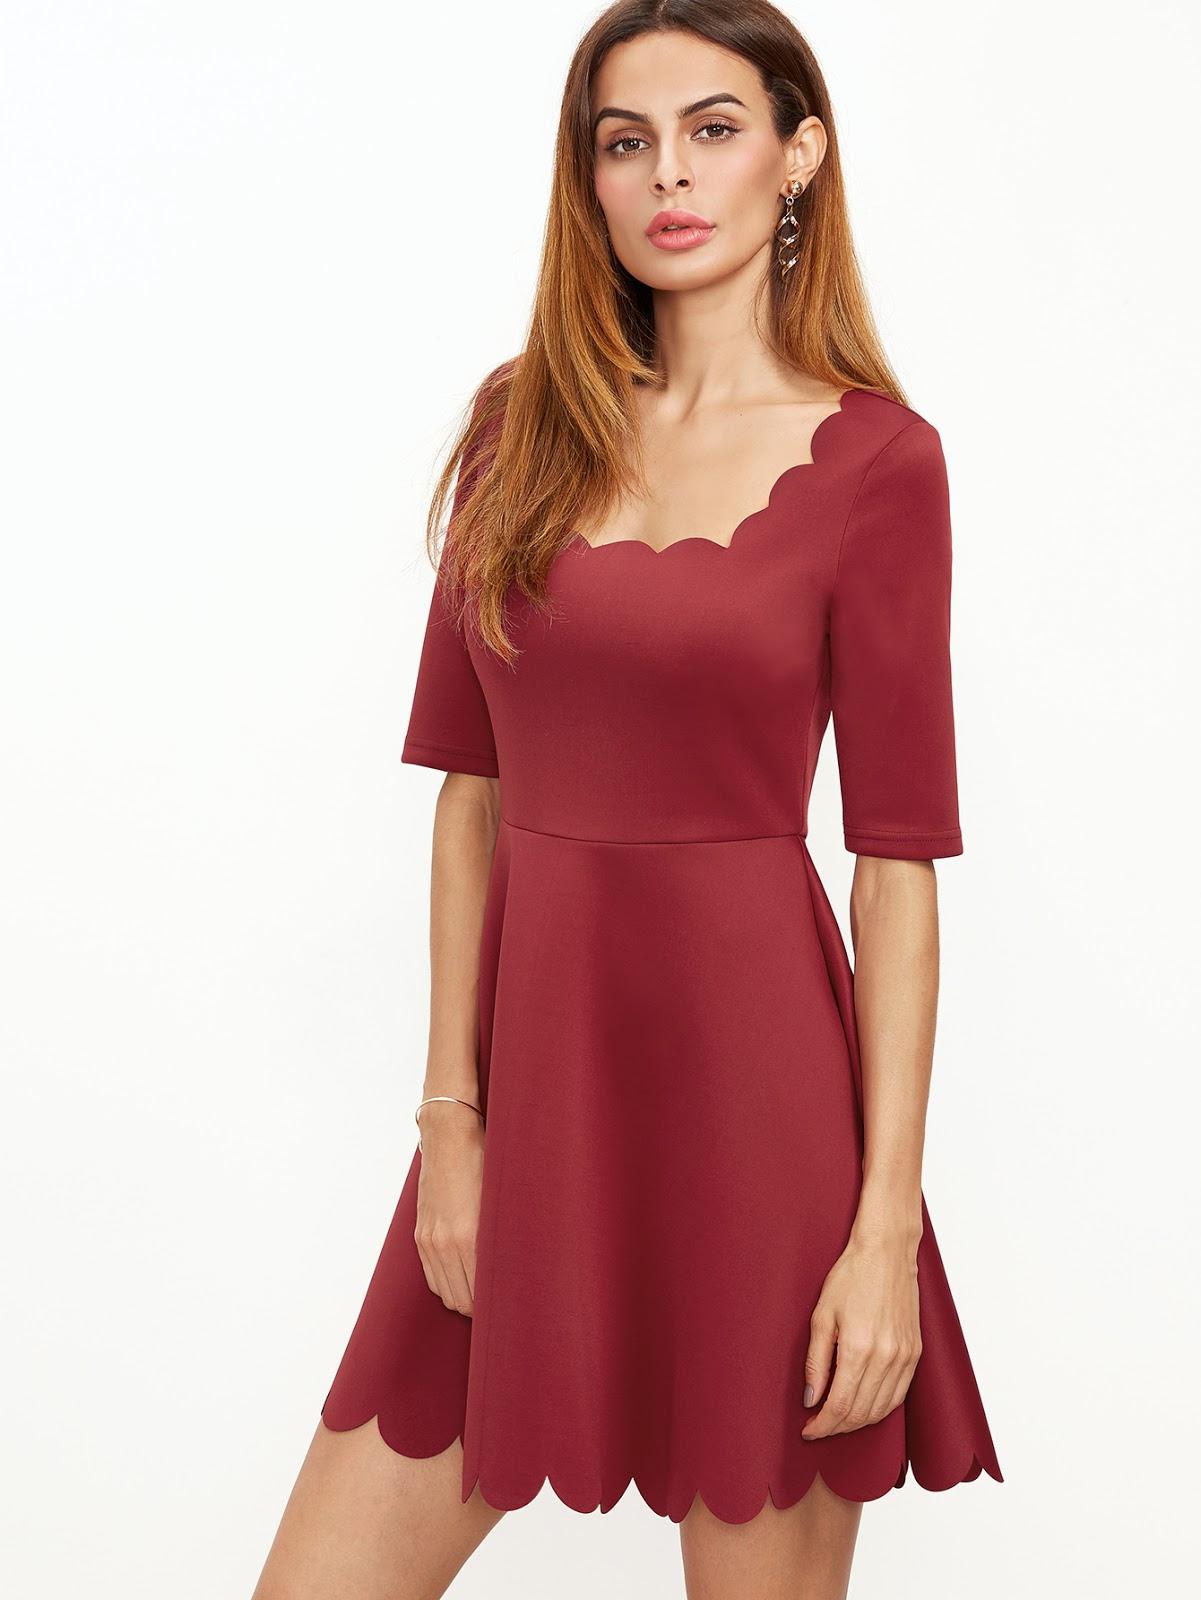 Vestidos de fiesta de color rojo cortos